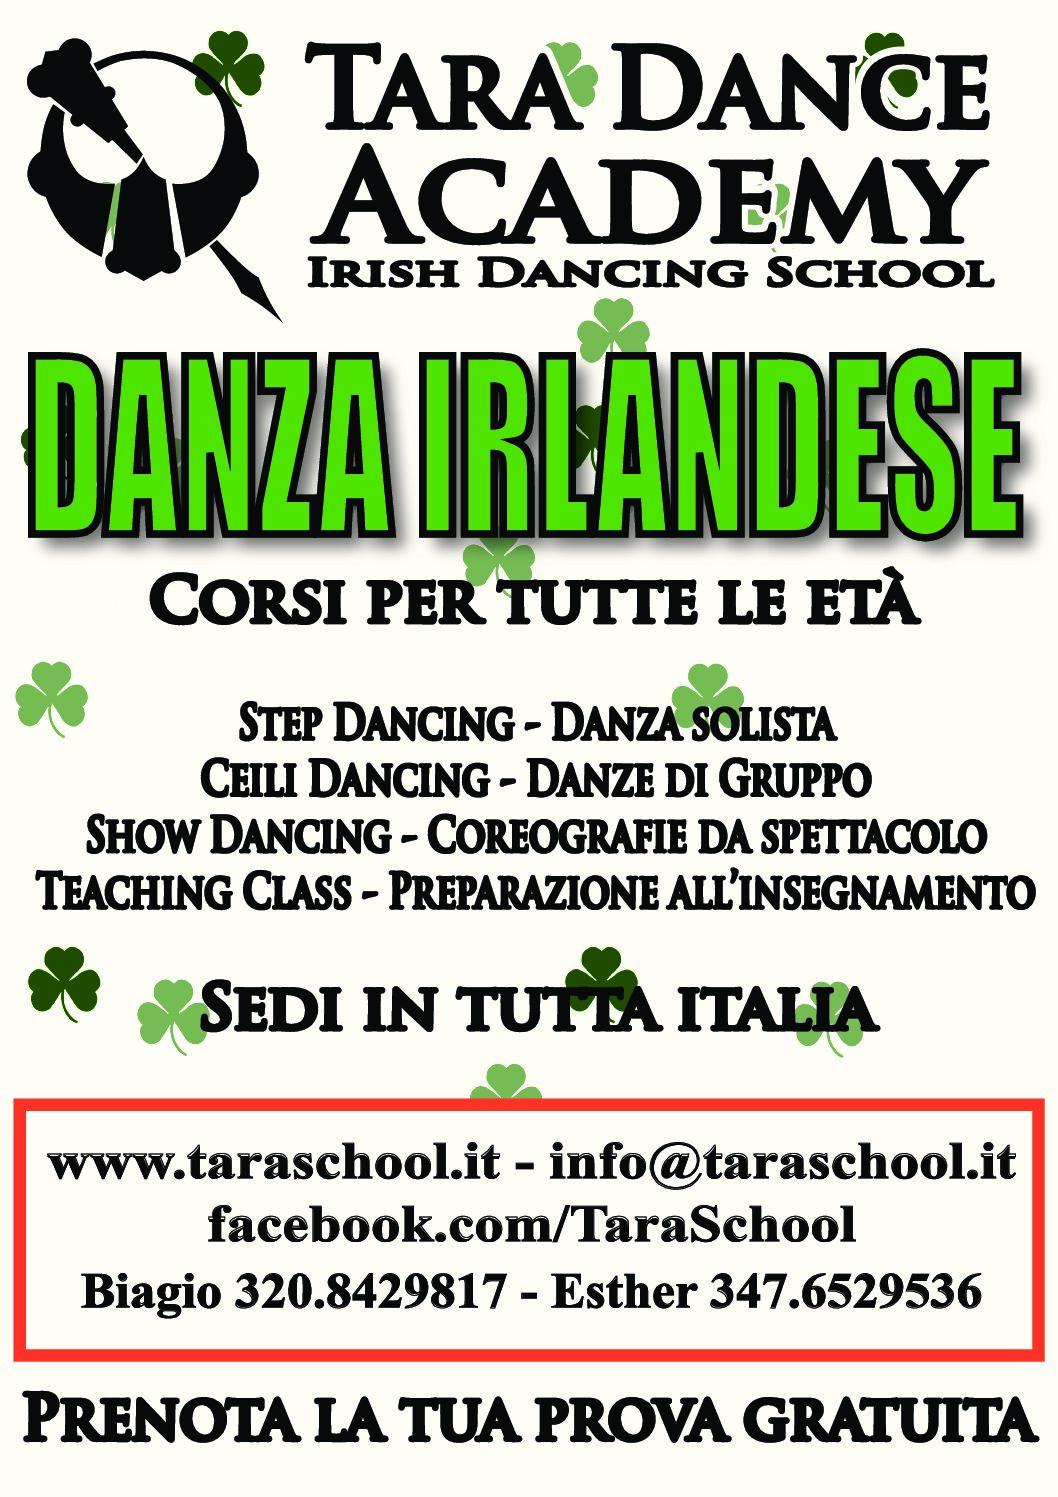 Corso di Ceili Dancing Irlandese